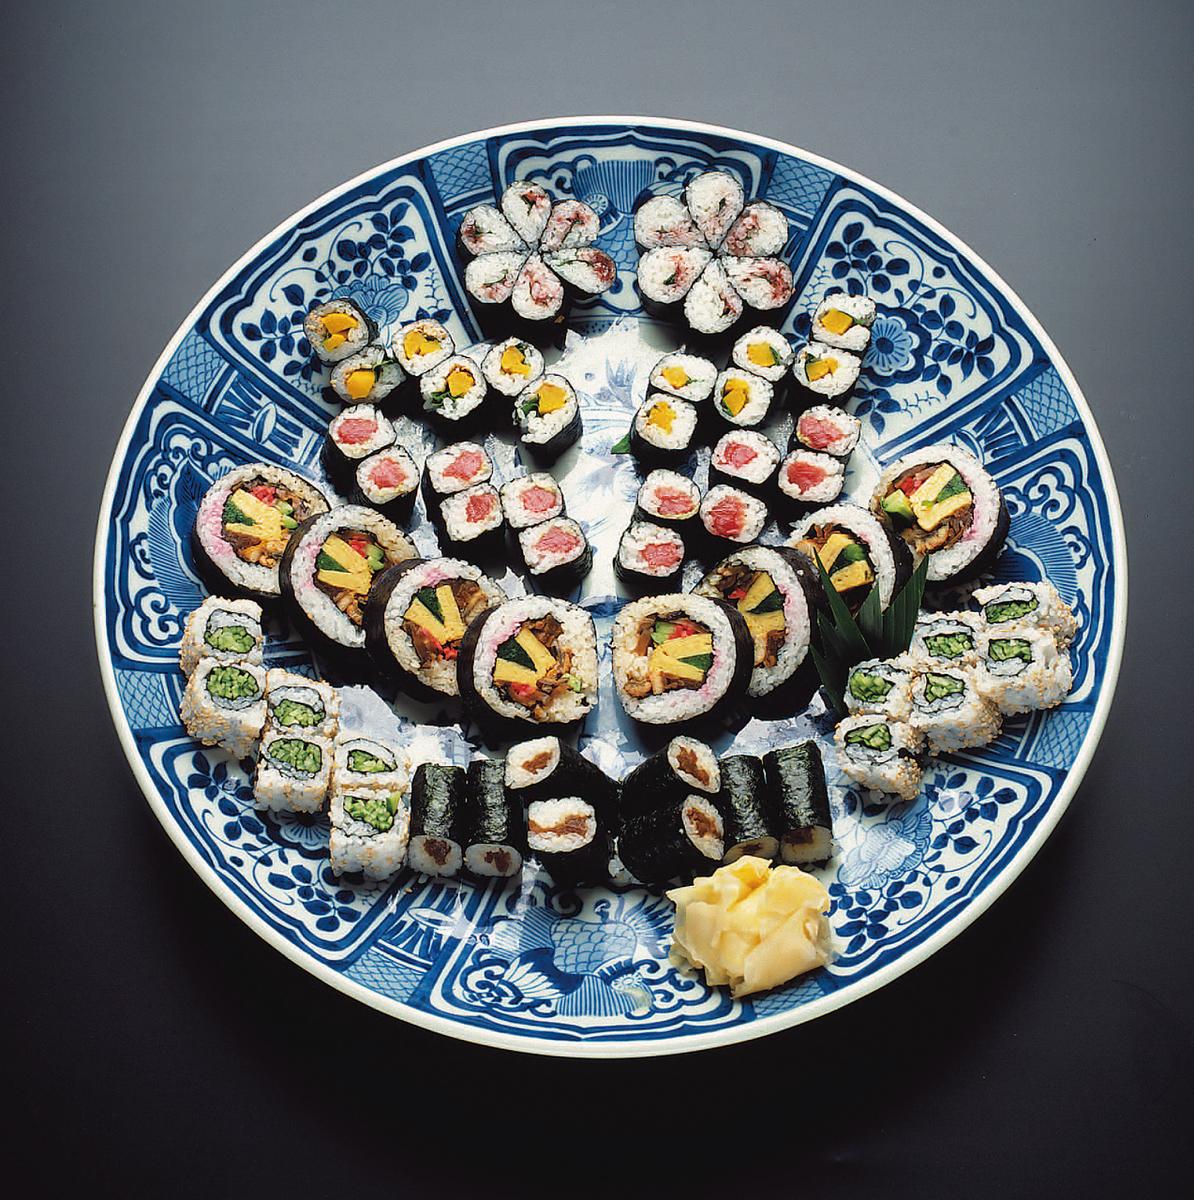 Edo seaweed roll roll (4 to 5 people)